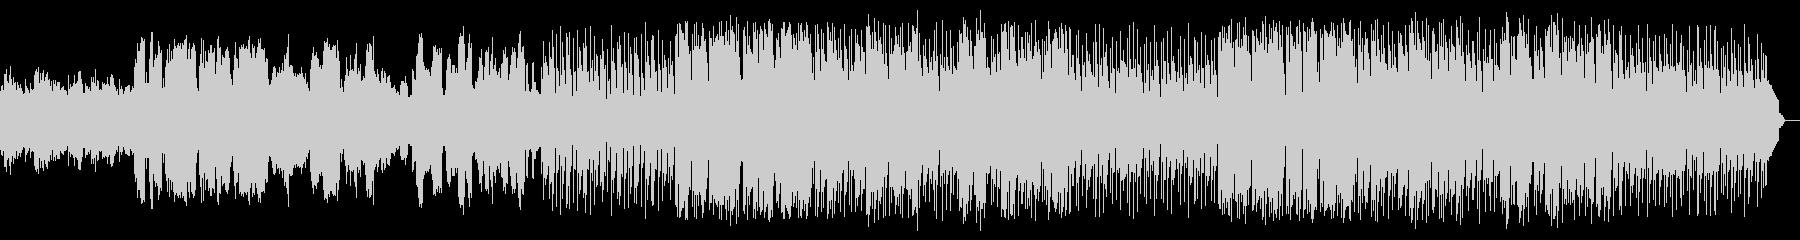 昭和レトロ感のあるビギンをサックスが演奏の未再生の波形